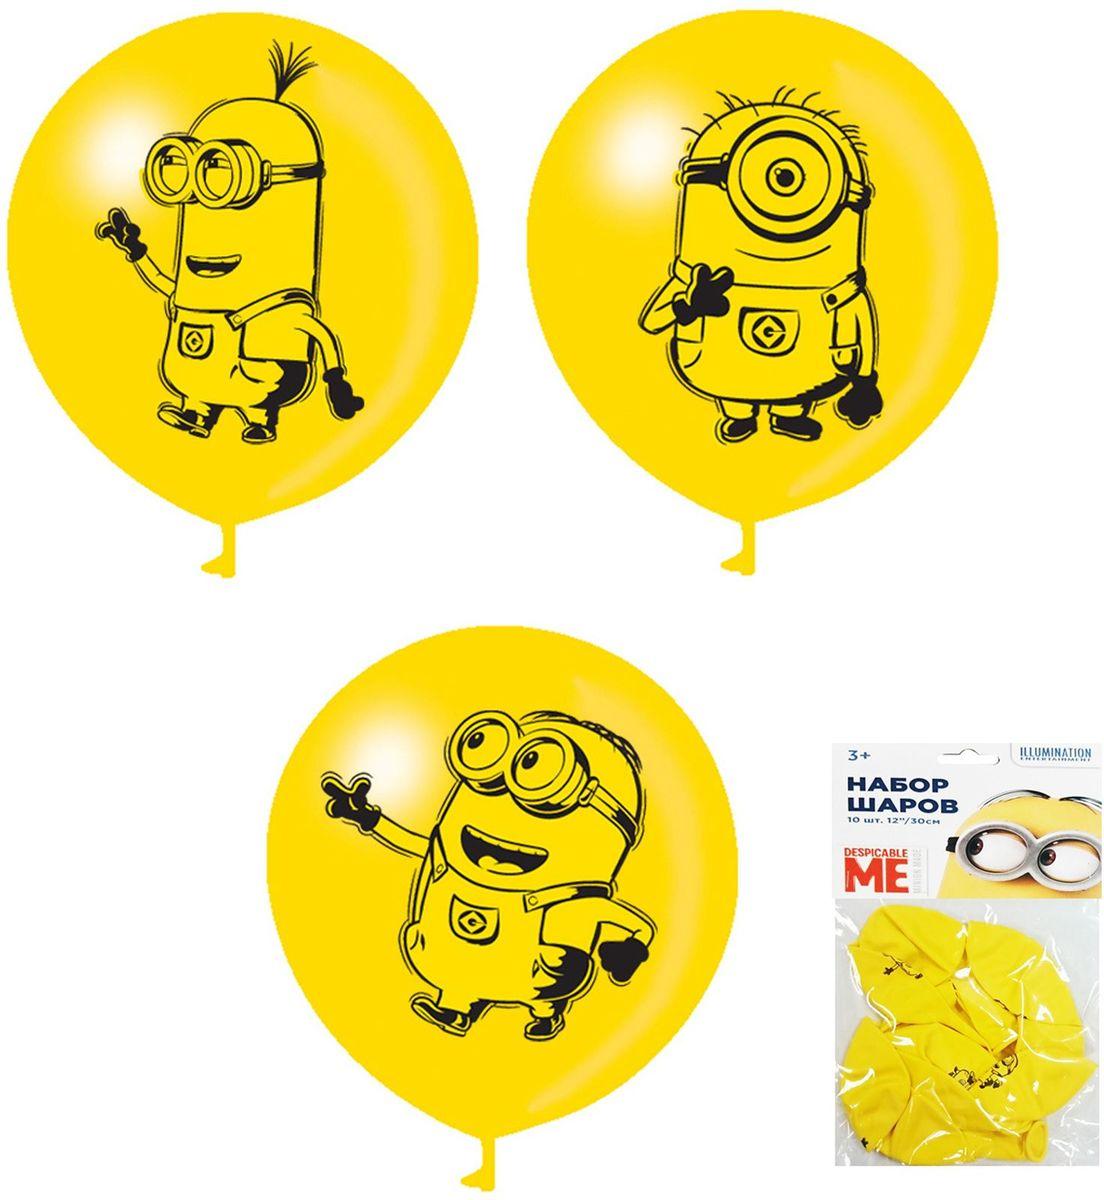 Universal Миньоны Набор детских воздушных шаров 10 шт27108Шары Миньоны яркого солнечного цвета украсят любой праздник, подняв настроение всем - и детям, и взрослым. А надувание шаров еще и чрезвычайно полезно: такое упражнение развивает дыхательную систему, что благотворно влияет на работу всего организма. В наборе 10 желтых латексных шаров диаметром 30 см c односторонней печатью. В ассортименте 3 дизайна.